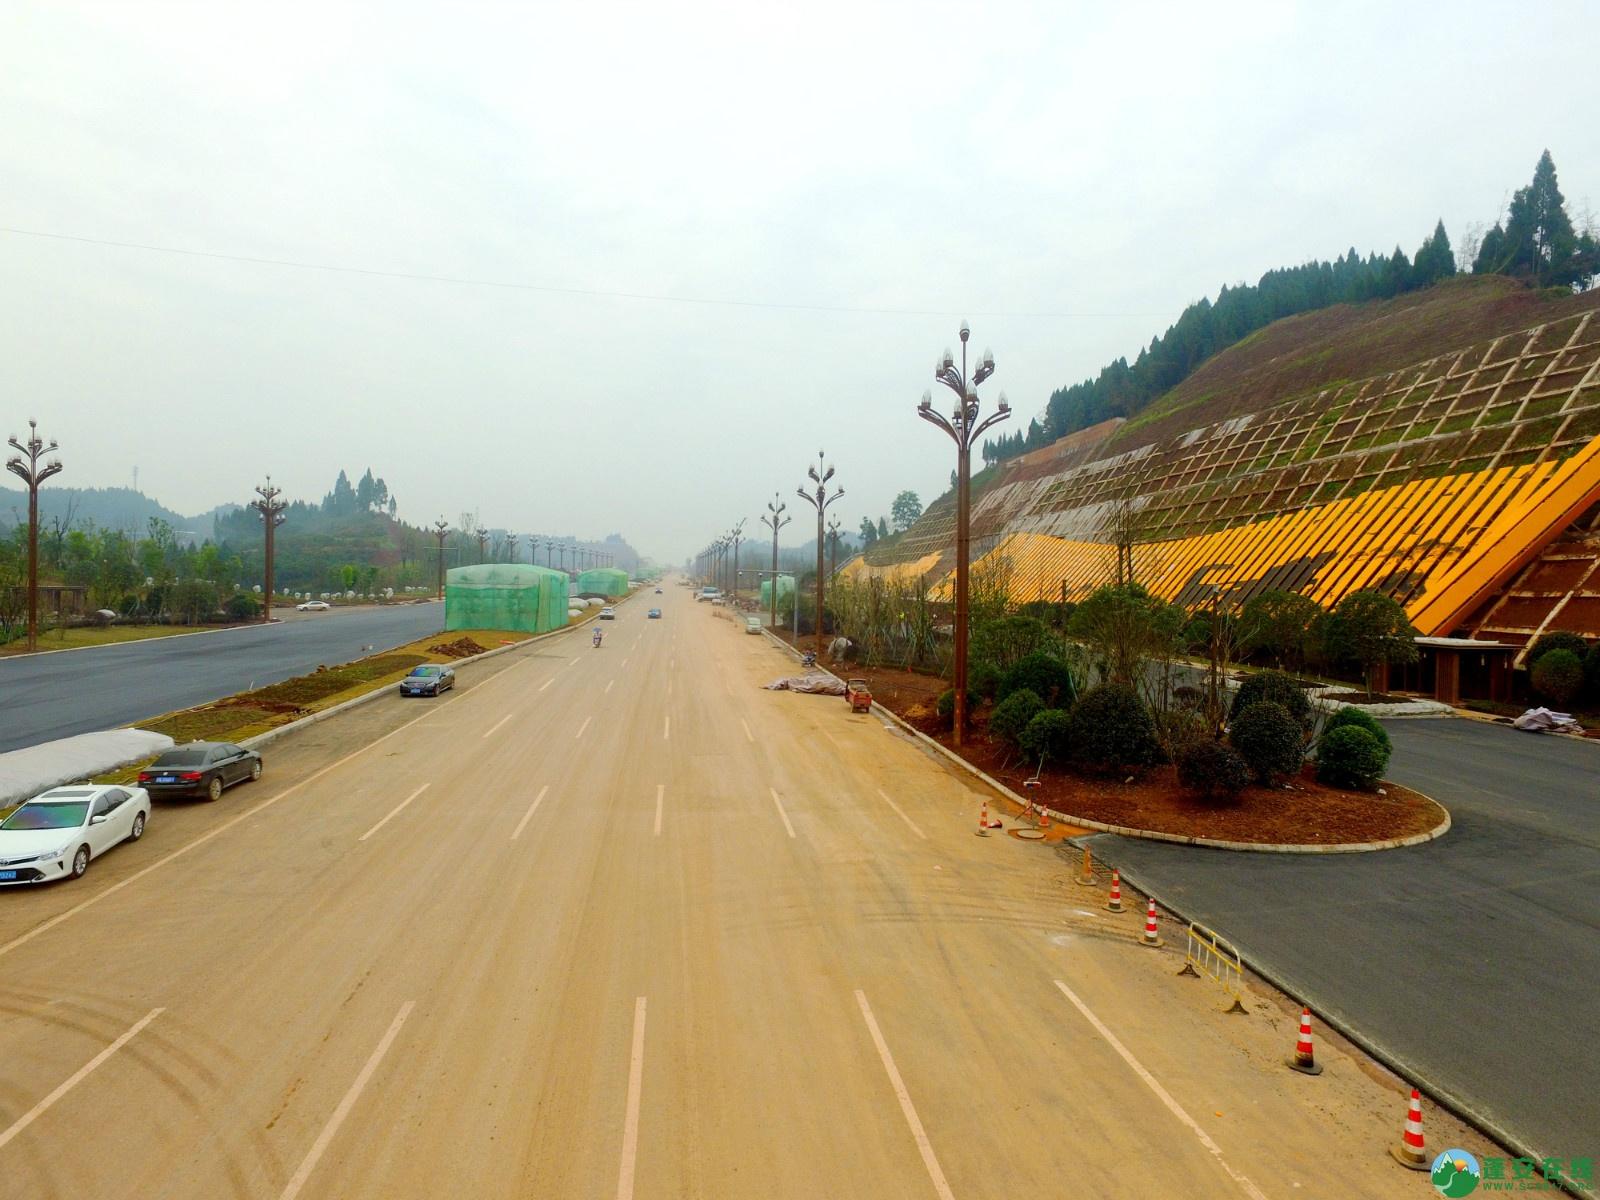 蓬安县凤凰大桥西延线、燕山大道、锦屏干一道、抚琴大道交通要道最新进展!(2019.12.24) - 第13张  | 蓬安在线